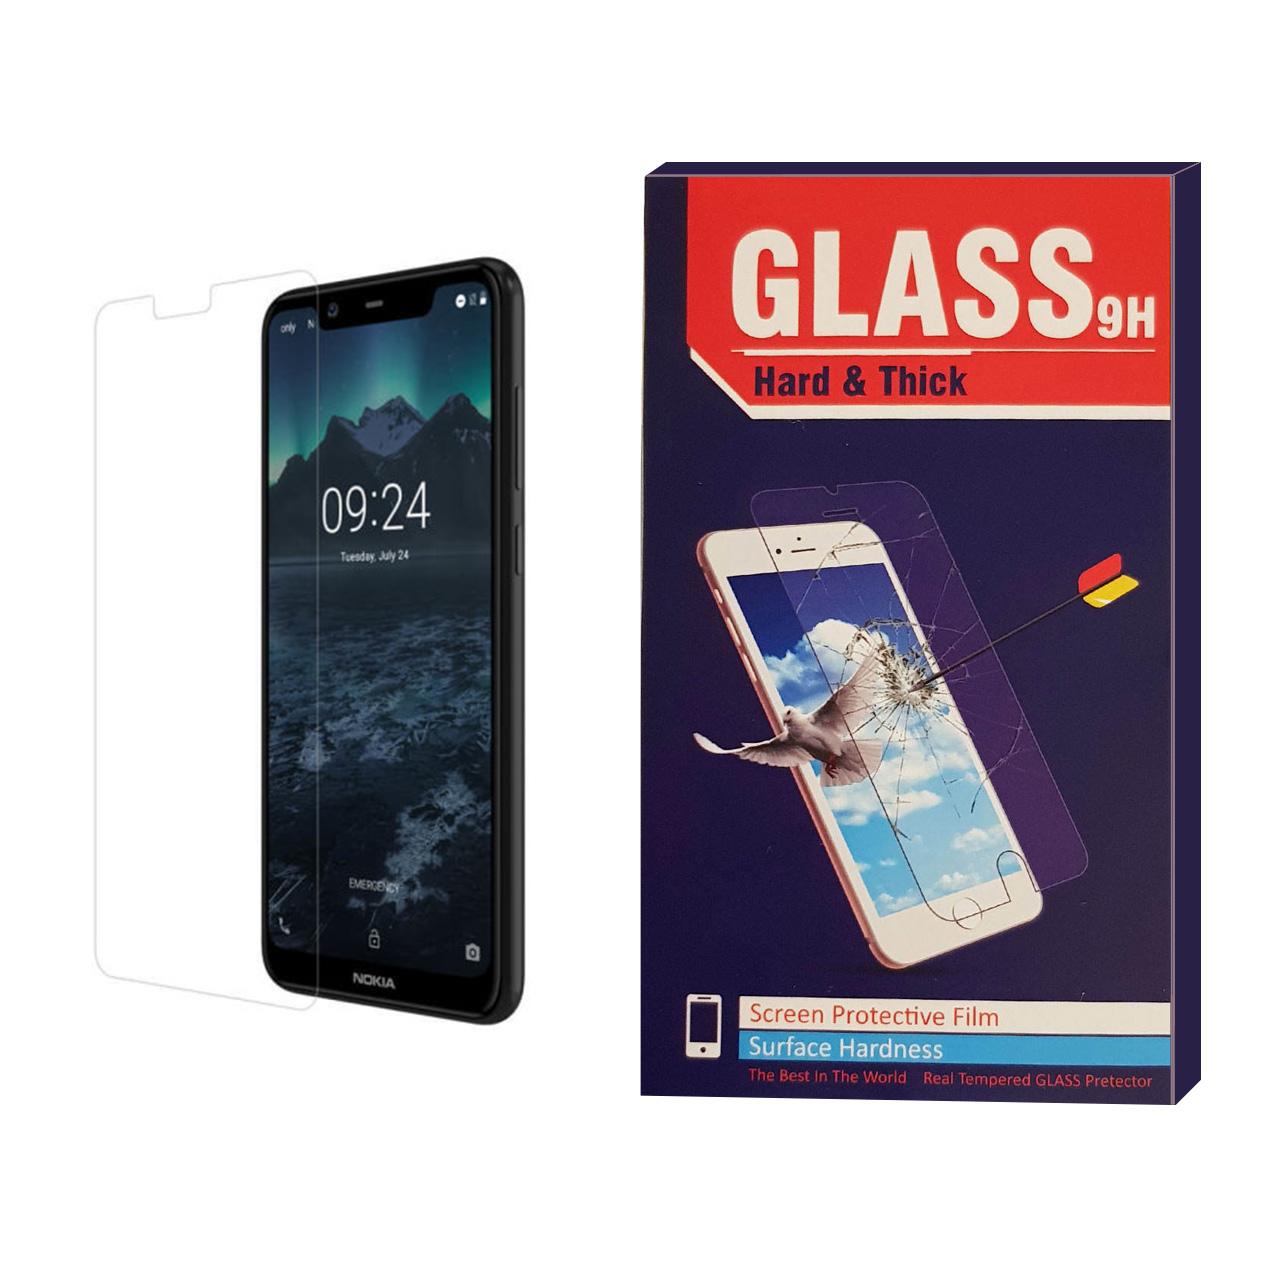 محافظ صفحه نمایش شیشه ای مدل Hard and Thick مناسب برای گوشی موبایل نوکیا   NOKIA 5.1 plus